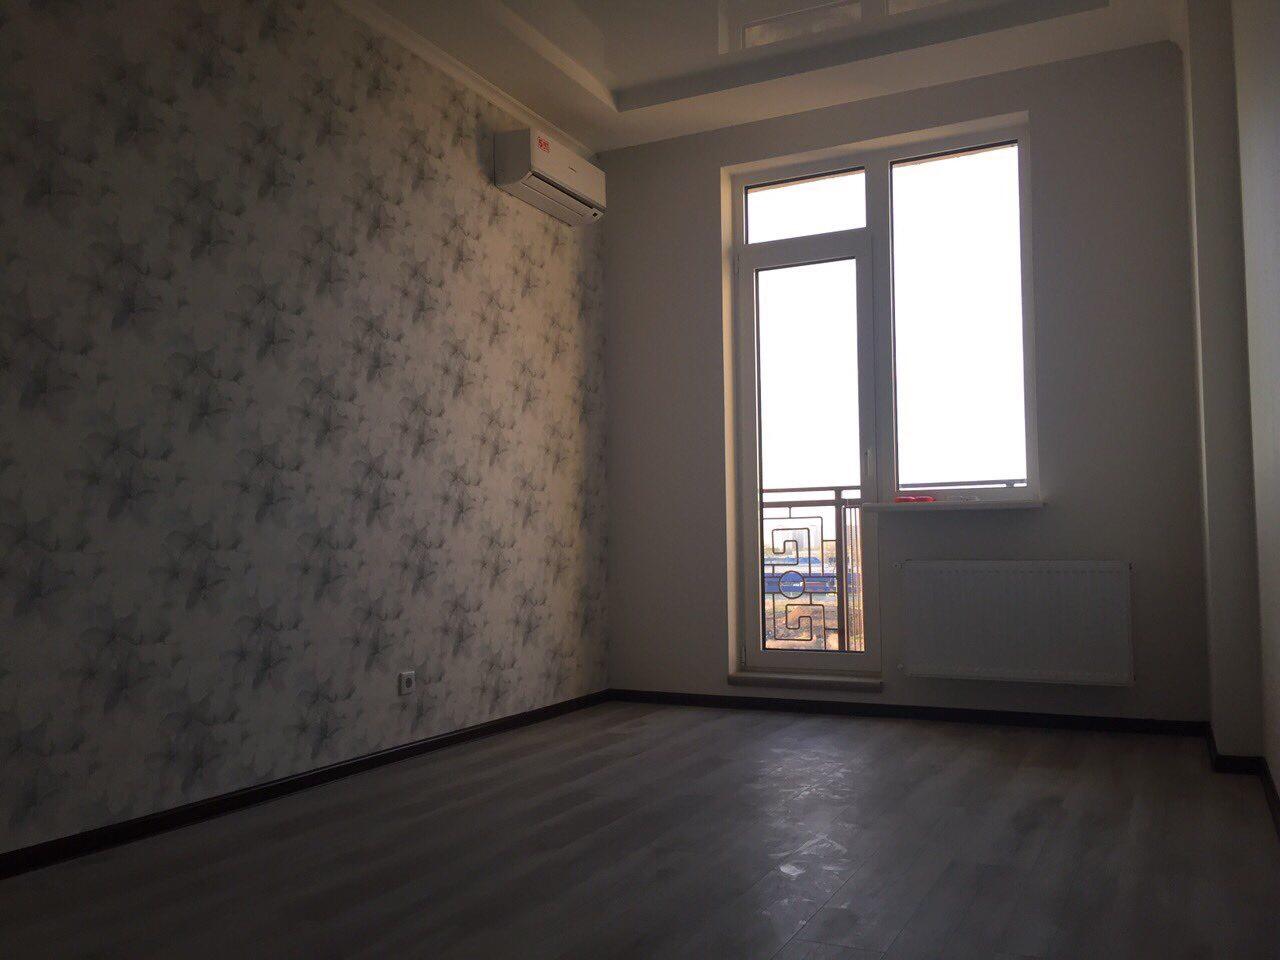 Продается 2-комнатная квартира на ул. Жемчужная — 69 000 у.е. (фото №11)